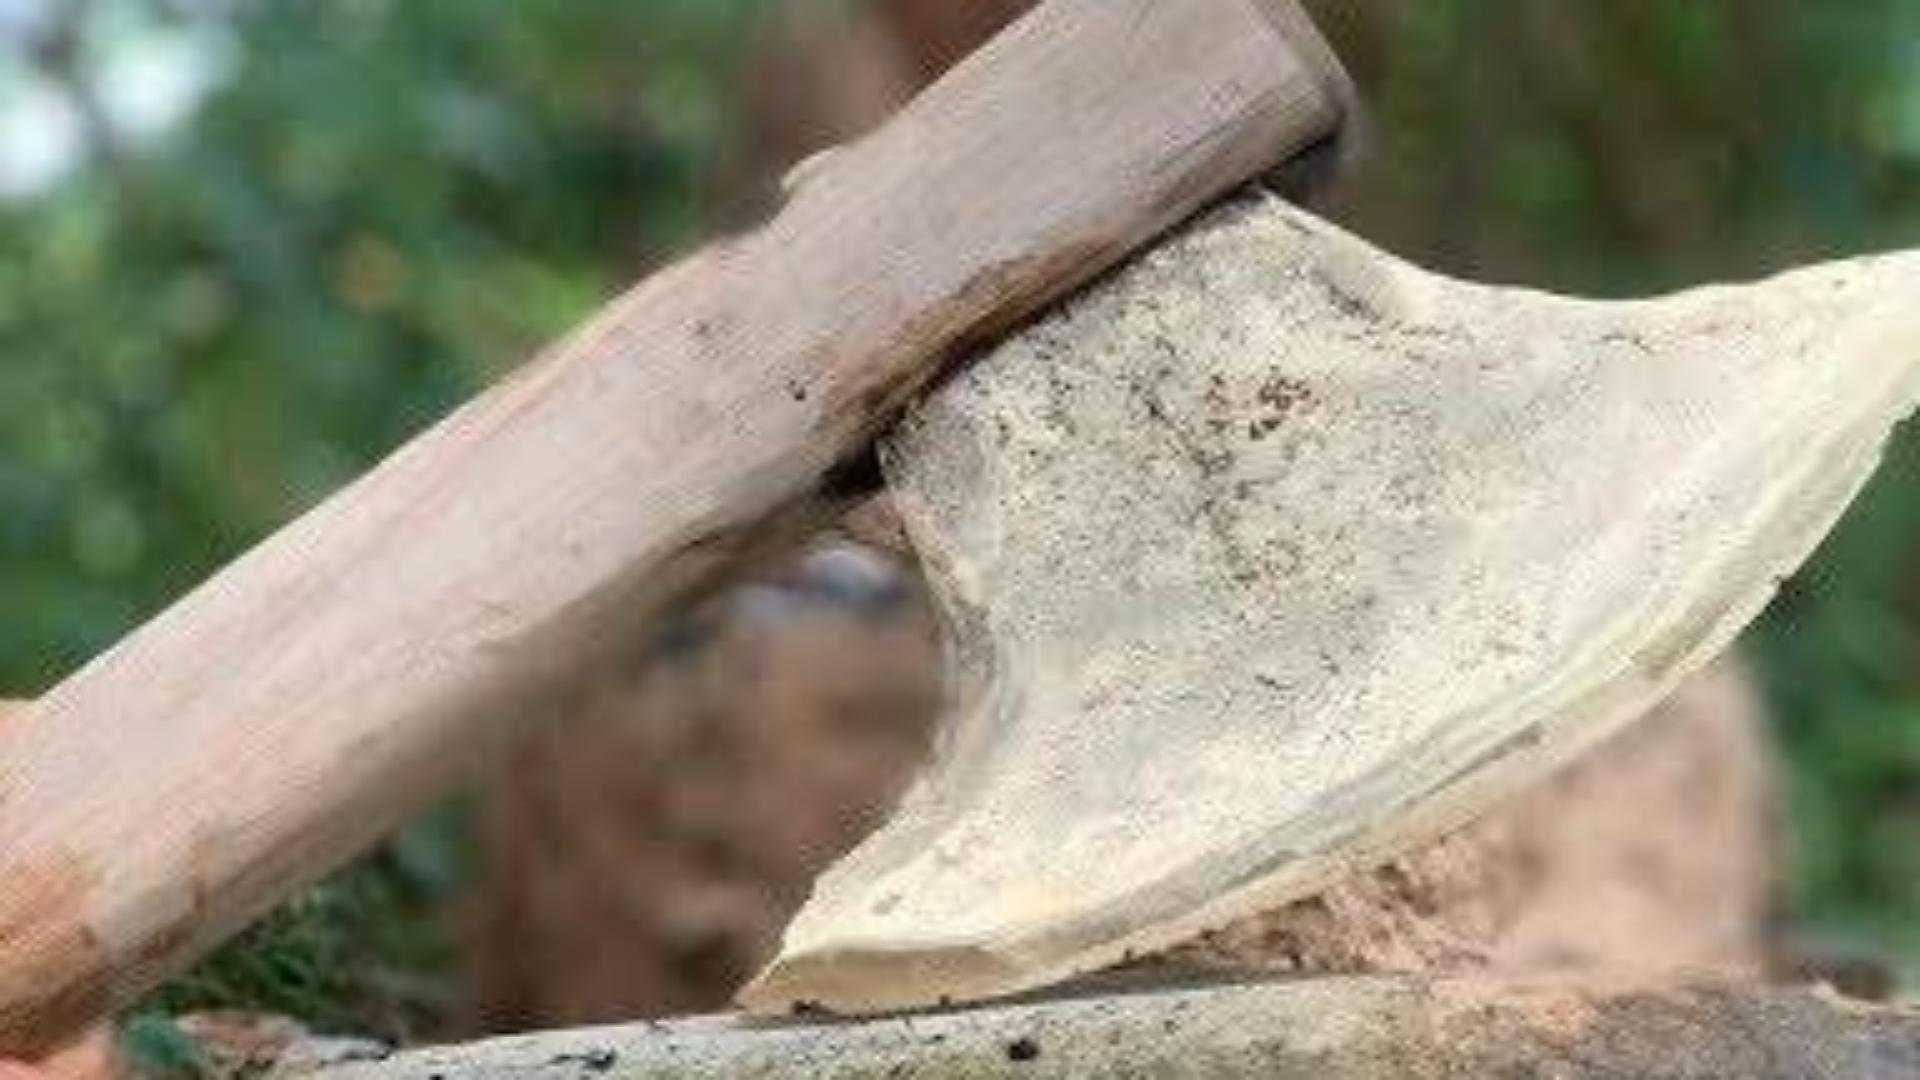 原始技术与生存技能:铸造金属斧头大(制作斧头美丽)